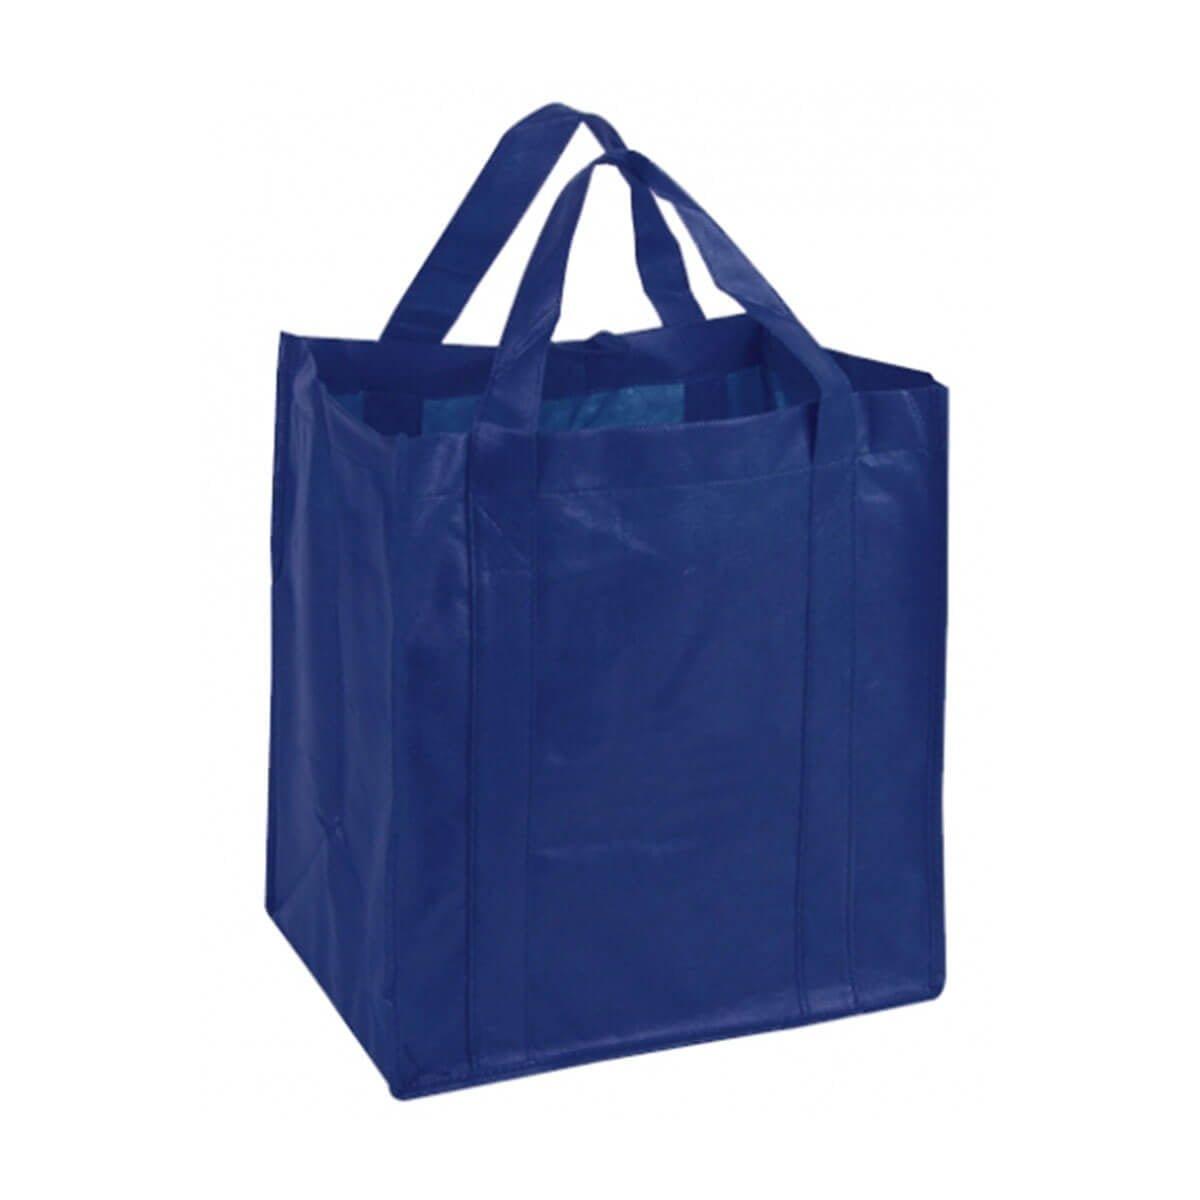 Non-Woven Shopping Bag-Royal